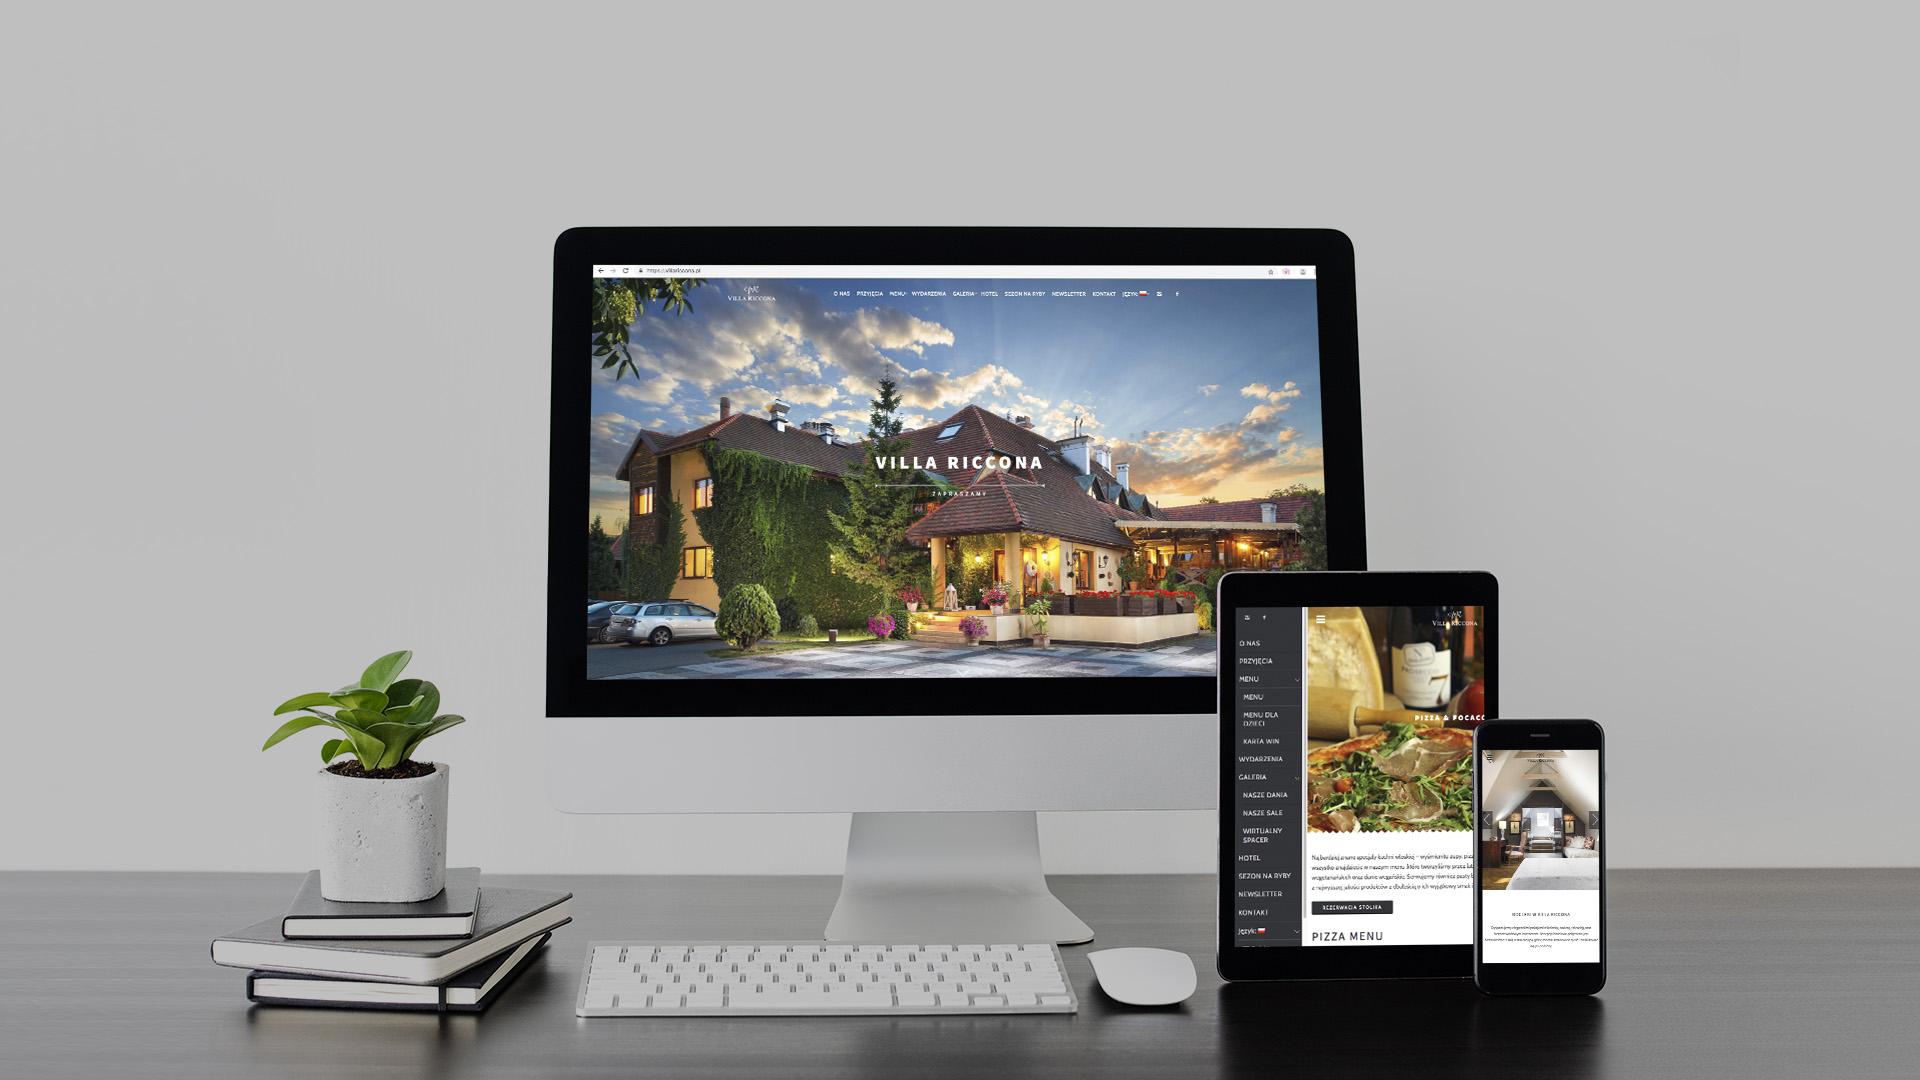 responsywne-strony-www-projektowanie-stron-internetowych-dsnstudio-studio-graficzne-lomianki2